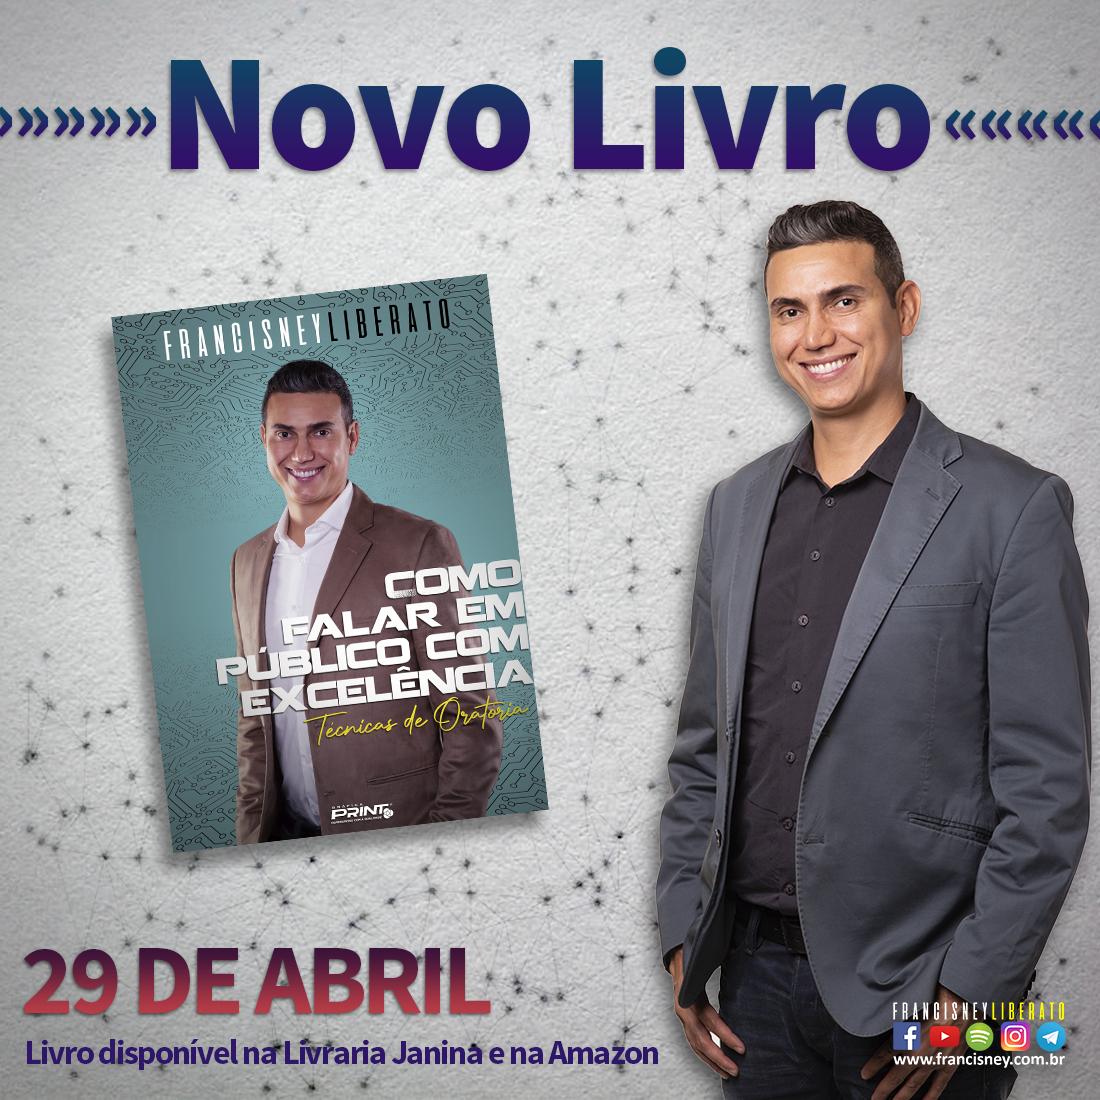 Release Oratória 2 - Imagem